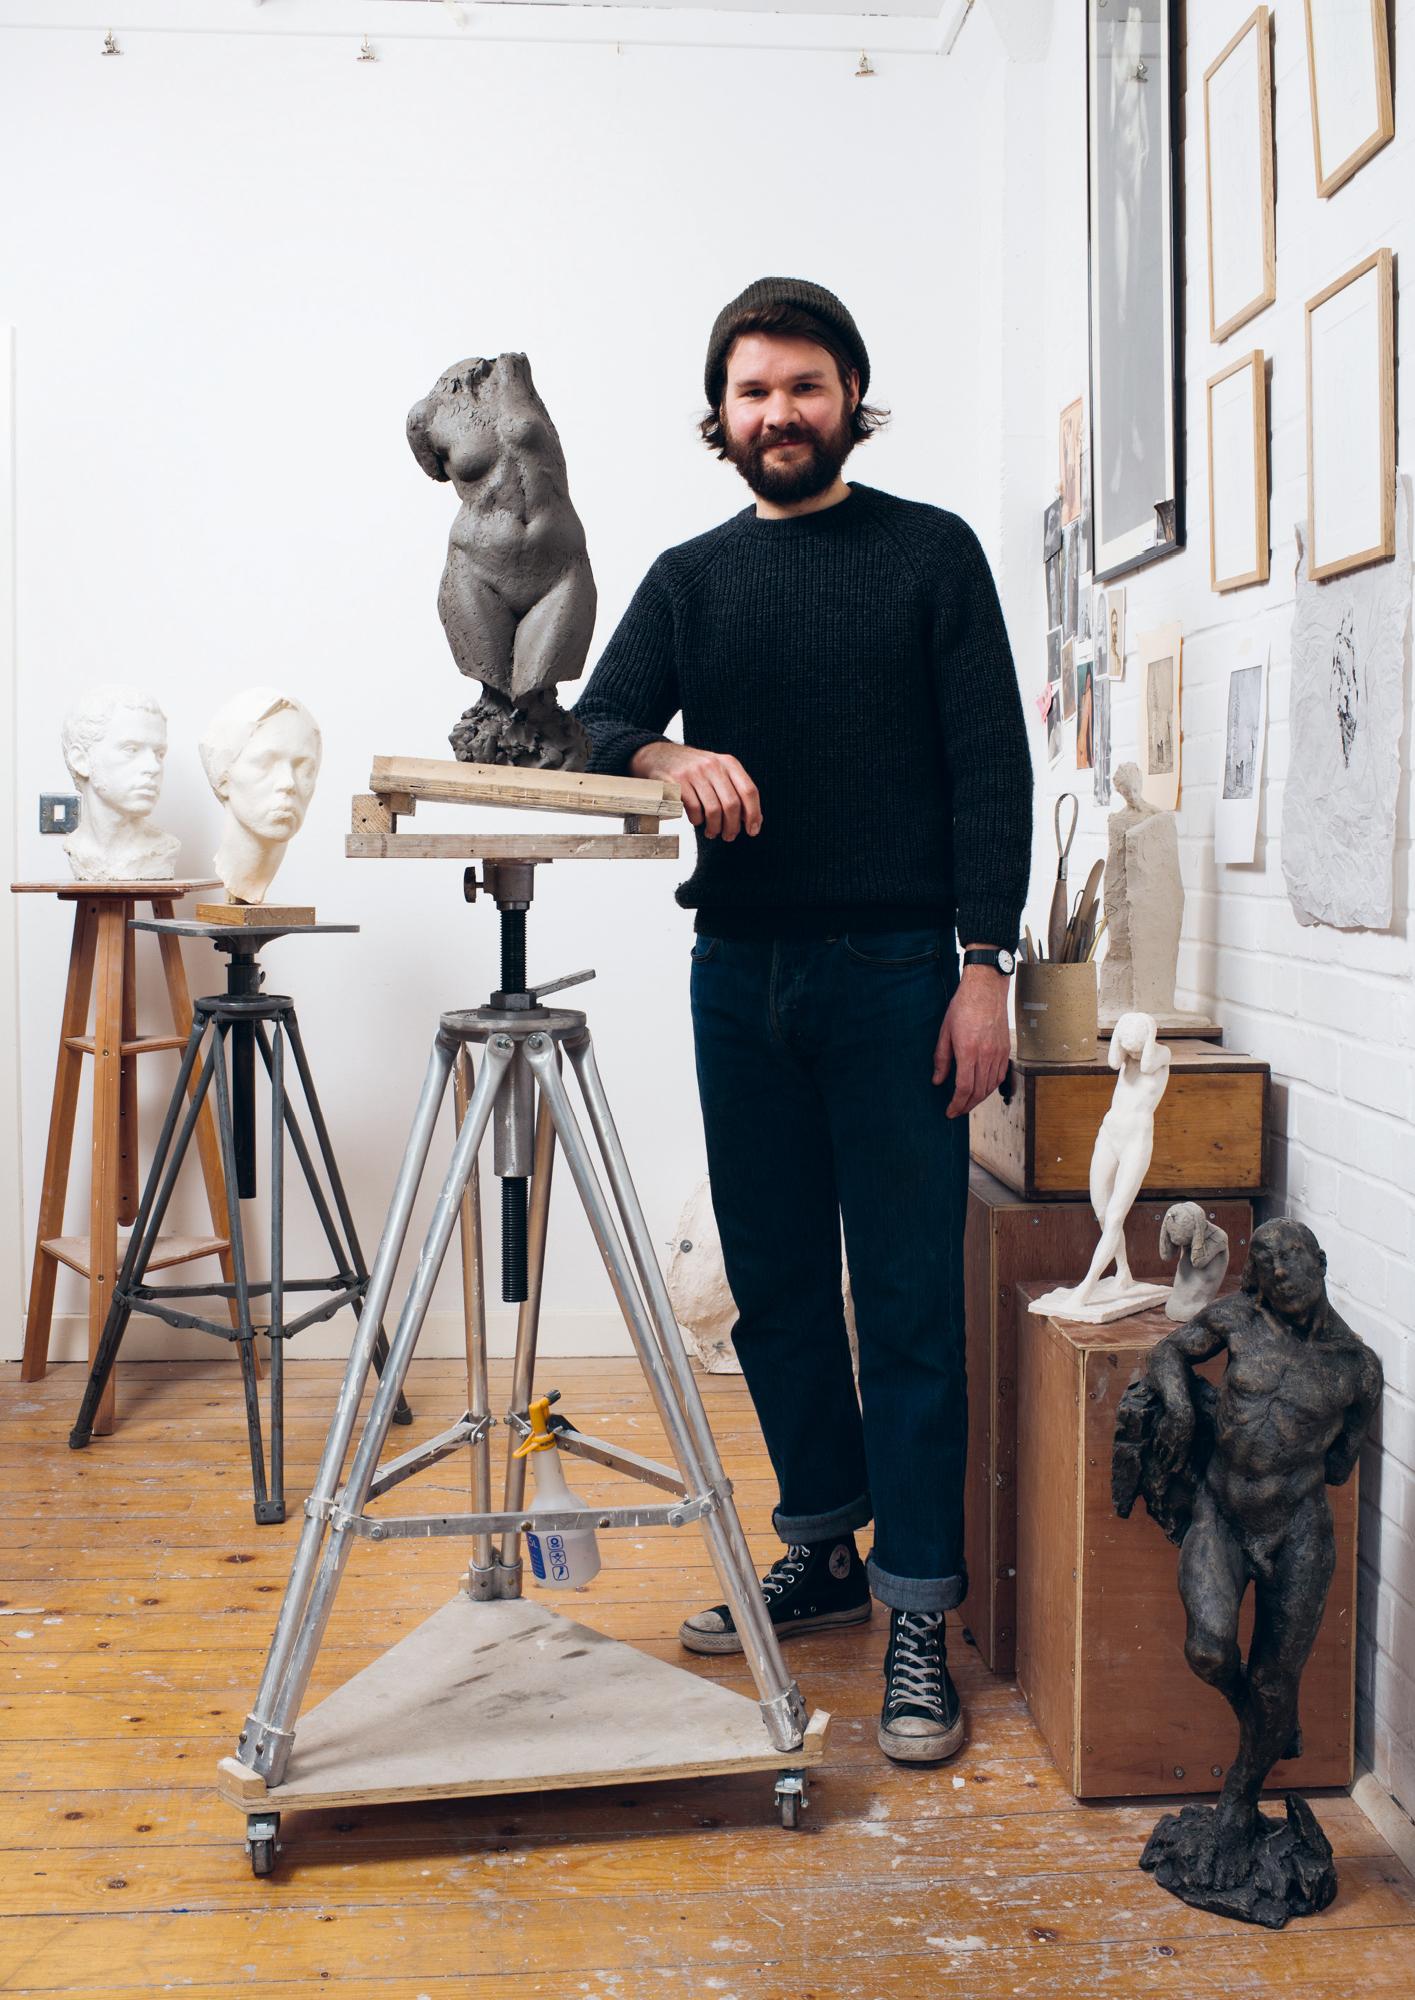 Sculptor Tom Merrett